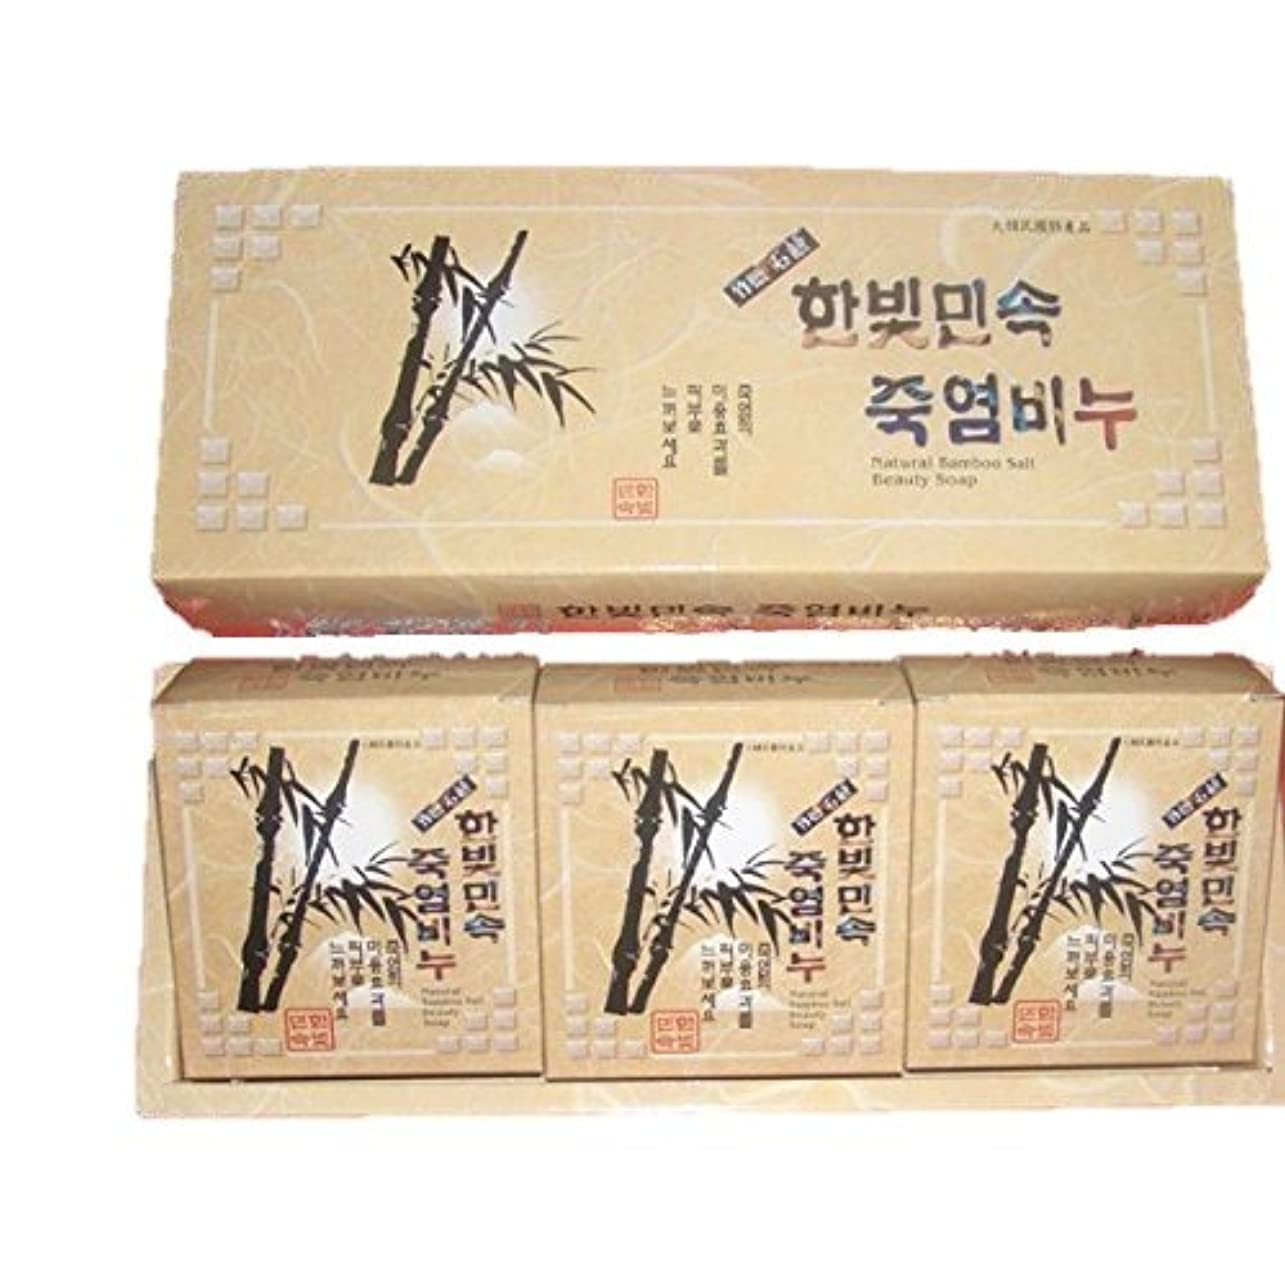 明るい蒸留する南極(韓国ブランド) 竹塩石鹸 (3個×3セット)